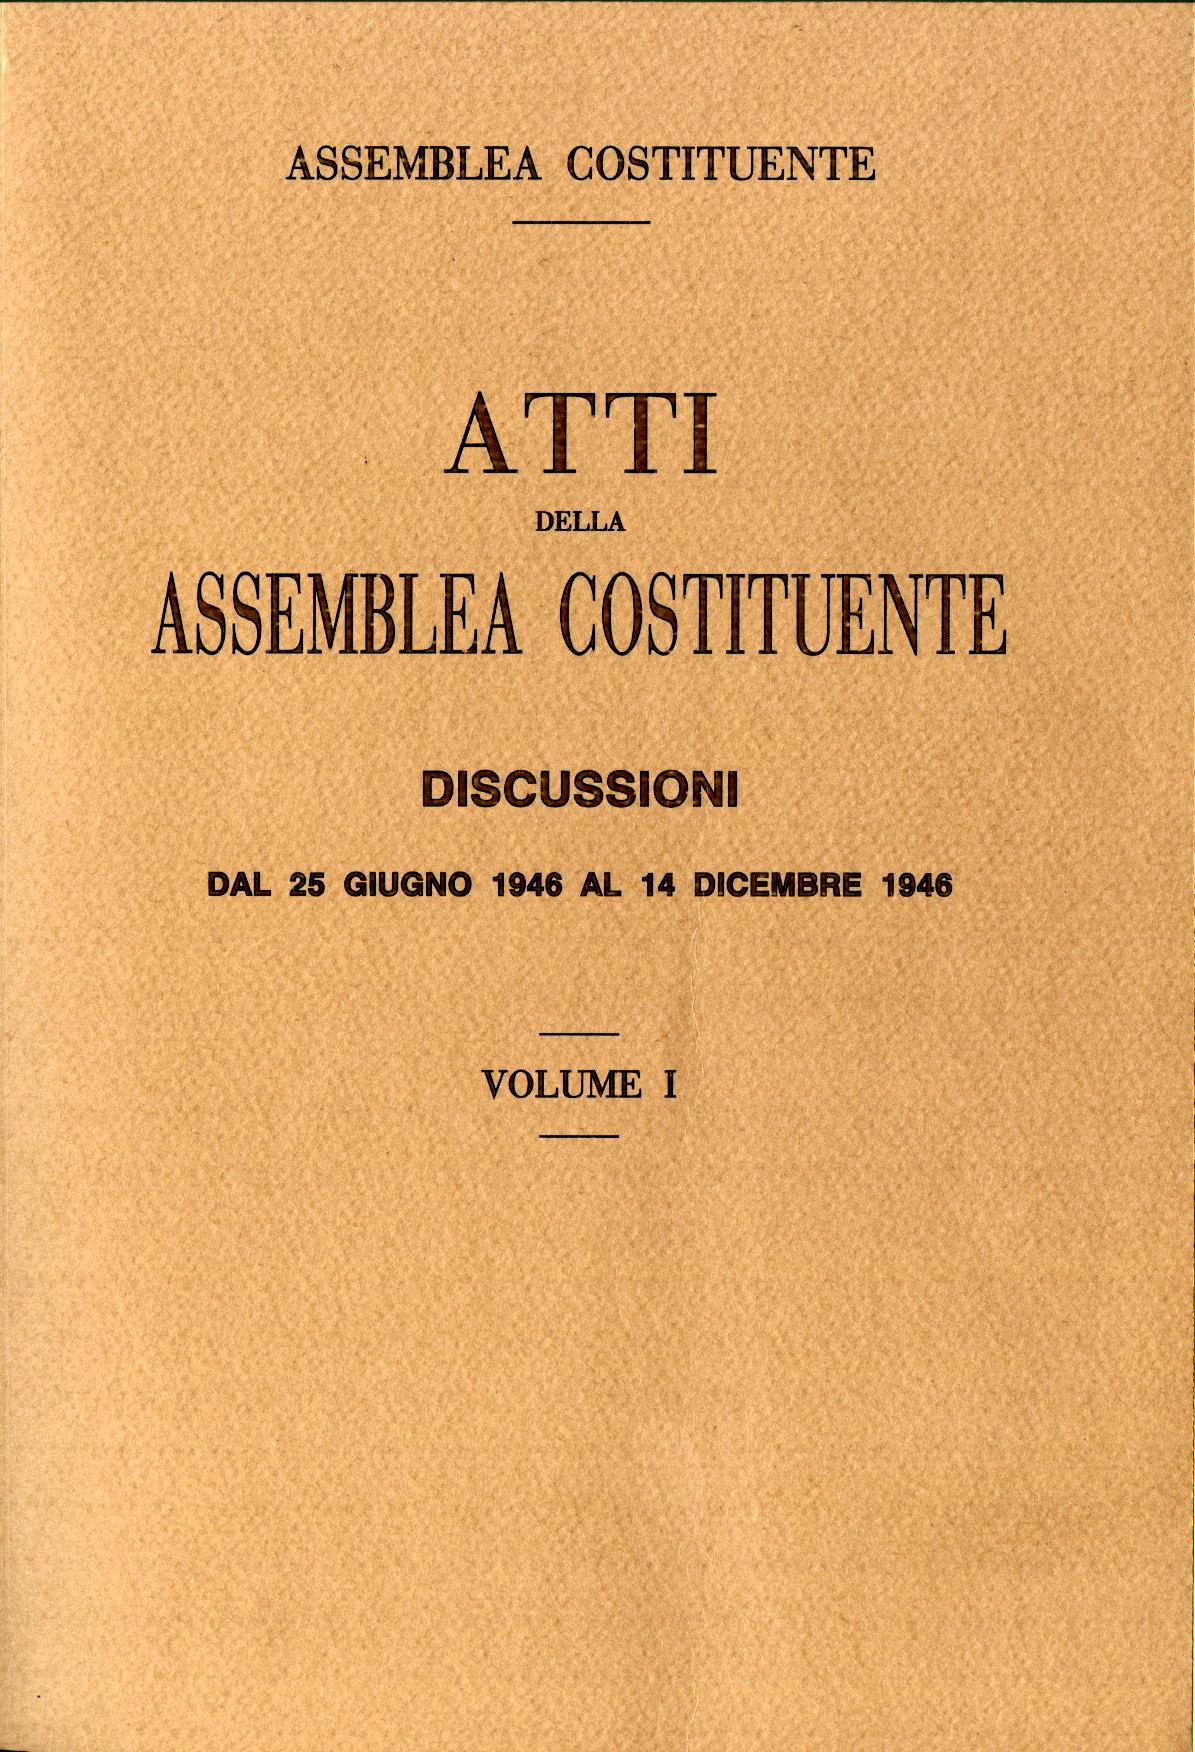 immagine copertina